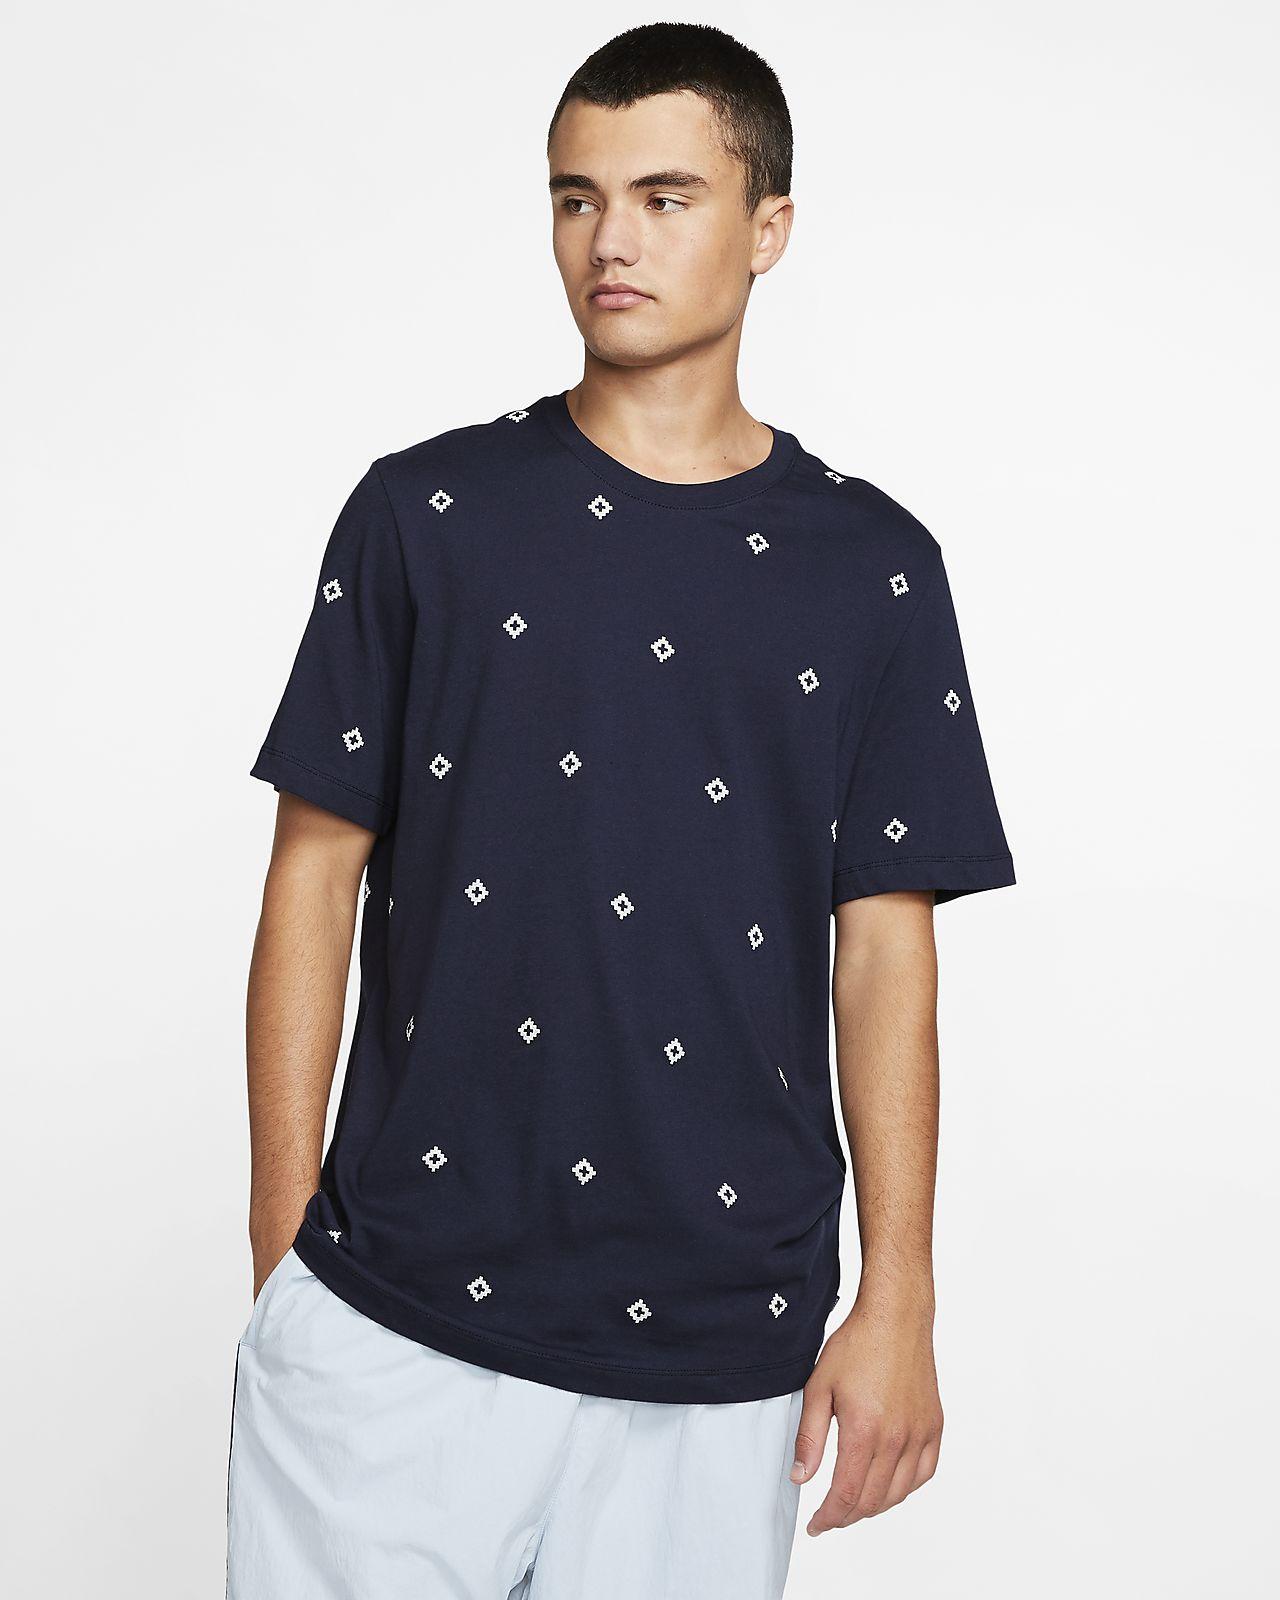 Nike SB Baskılı Erkek Kaykay Tişörtü